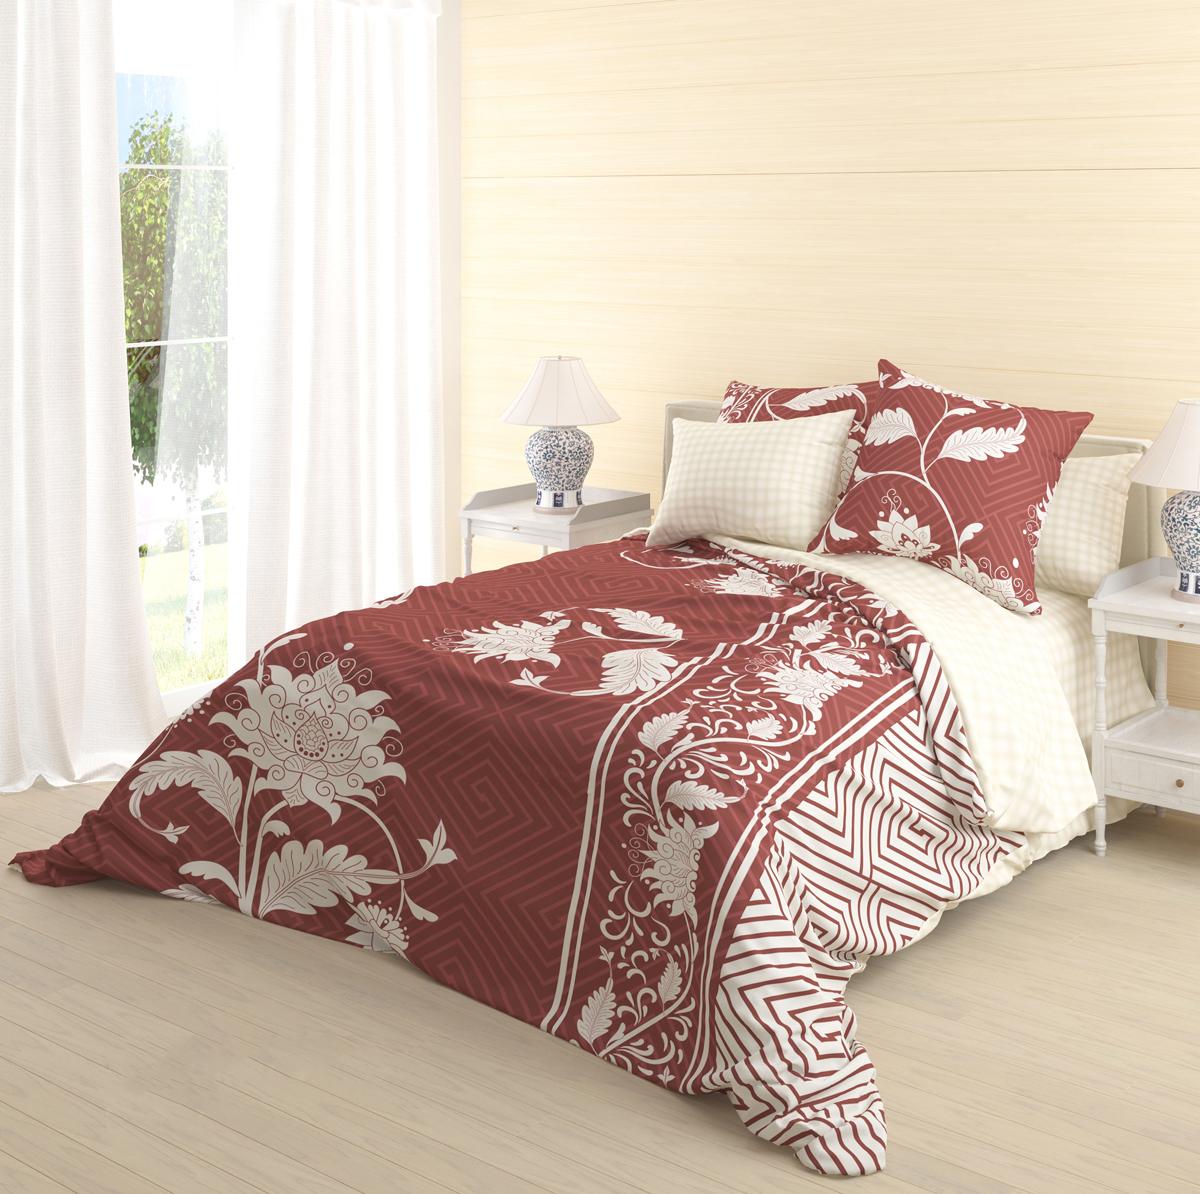 Комплект белья Волшебная ночь Rozan, 2-спальный, наволочки 70х70 см комплект белья волшебная ночь divo 2 спальный наволочки 70х70 см